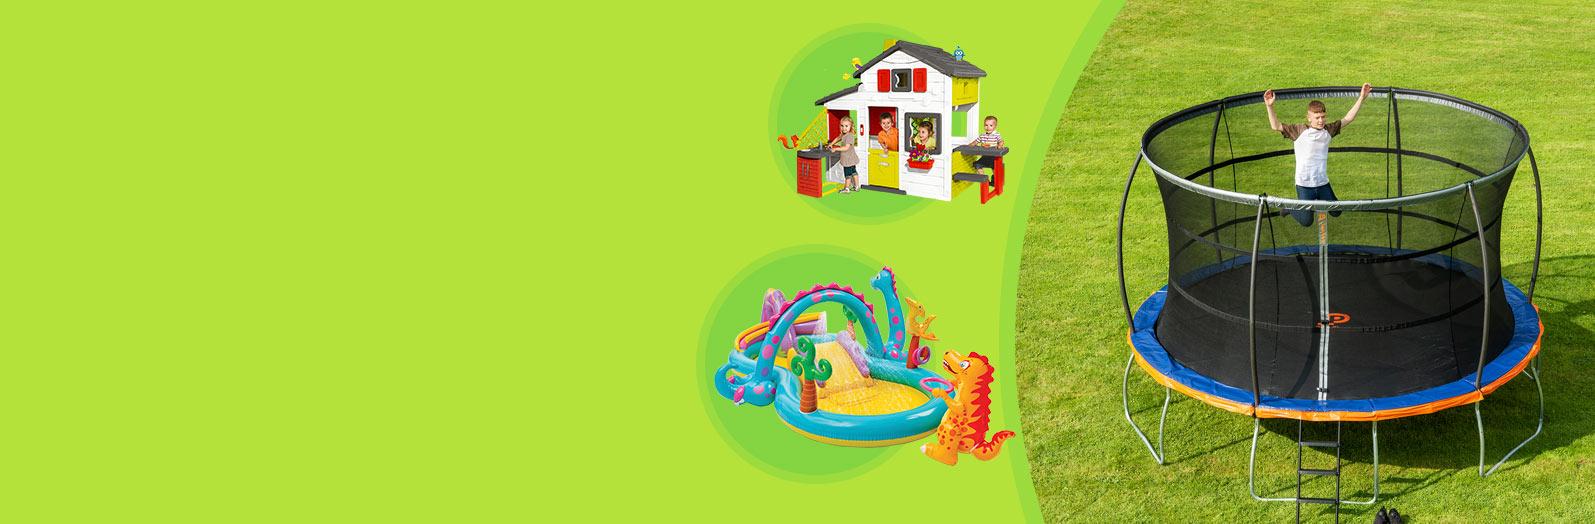 Smyths Toys Kinderspielzeug Online Kaufen österreich